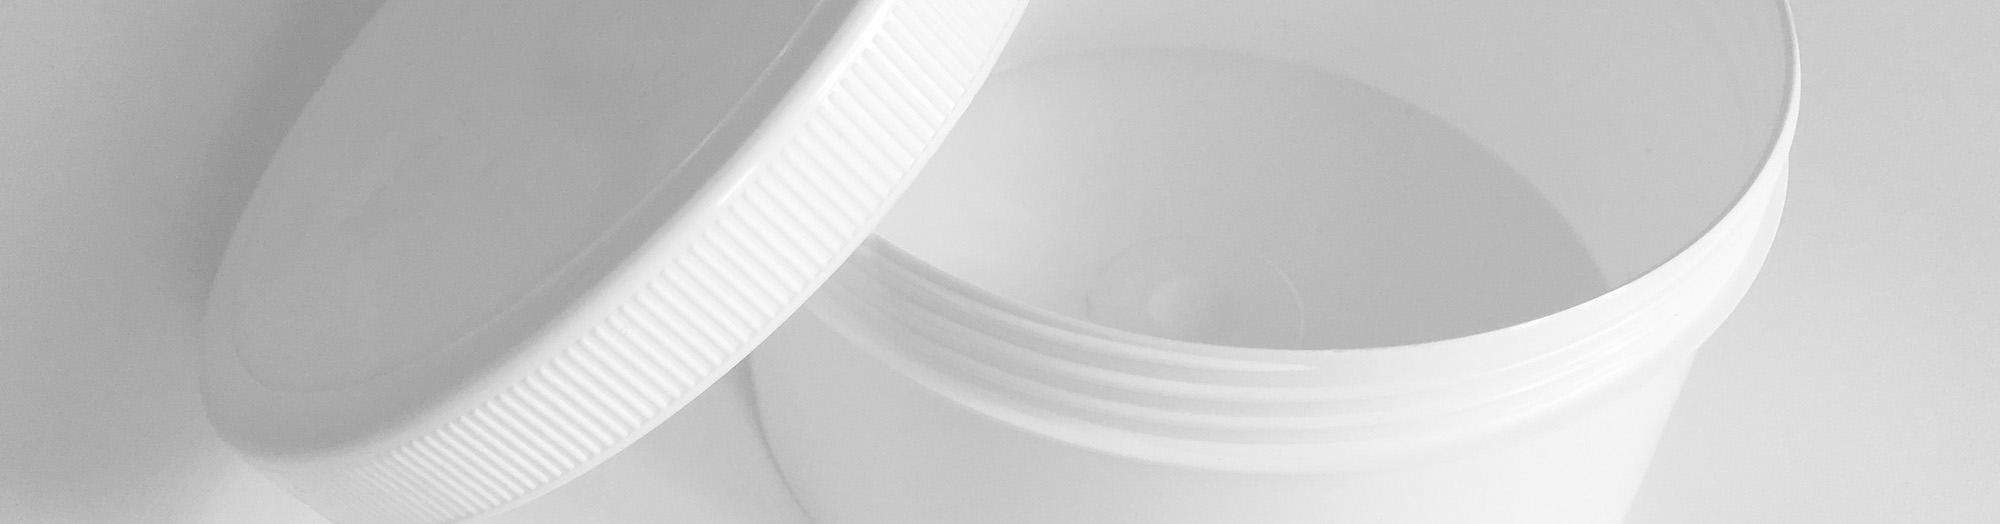 Plastiplast Kunststoffdosen mit Schraubdeckel Lieferant